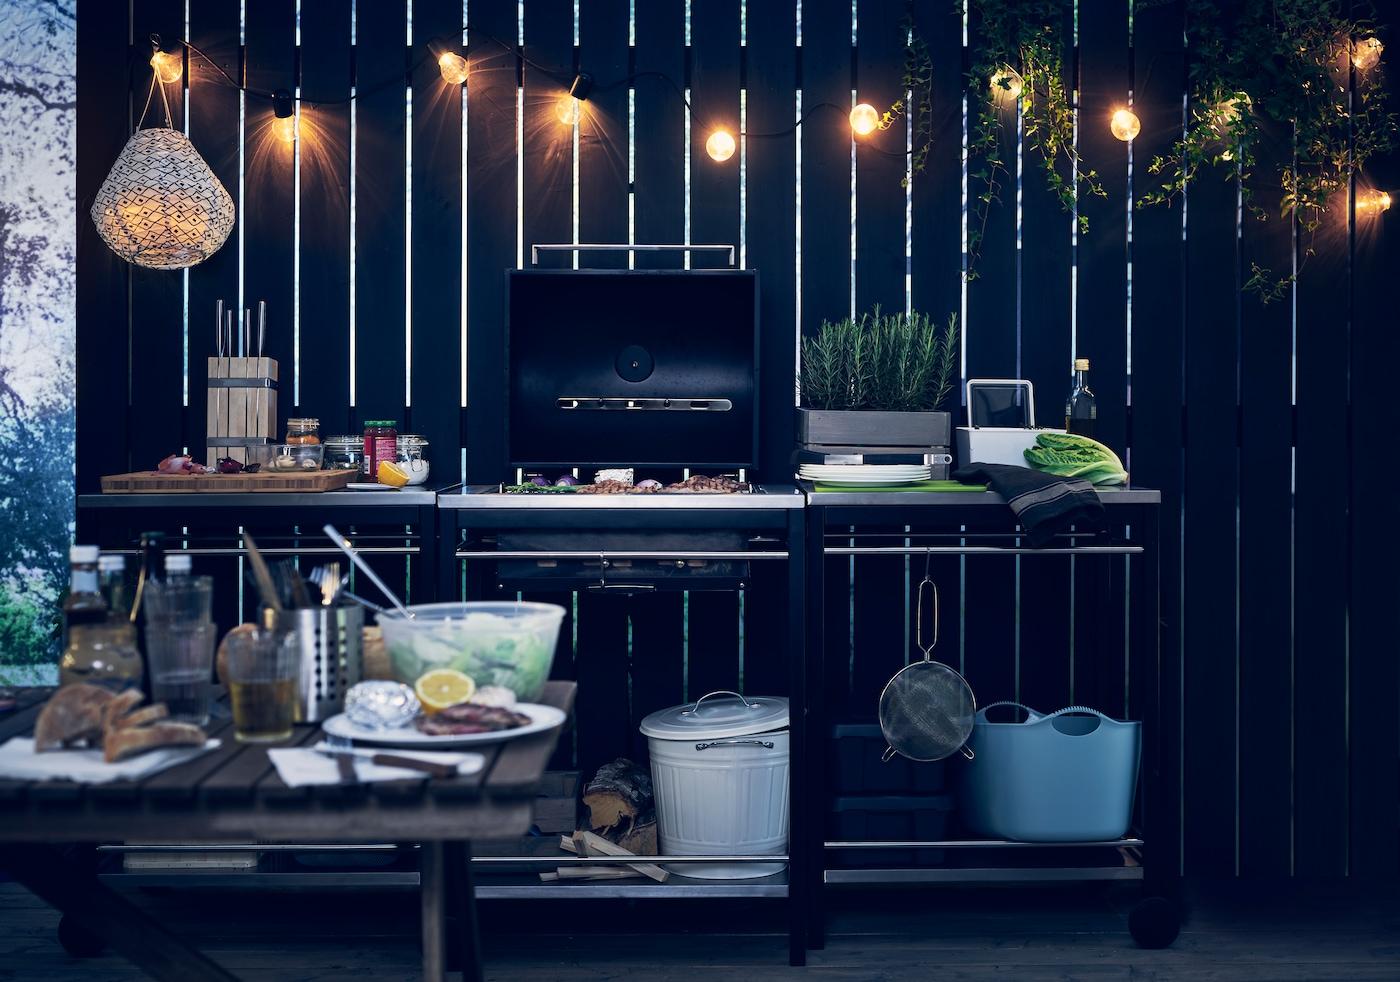 Drömmen om ett eget utekök IKEA